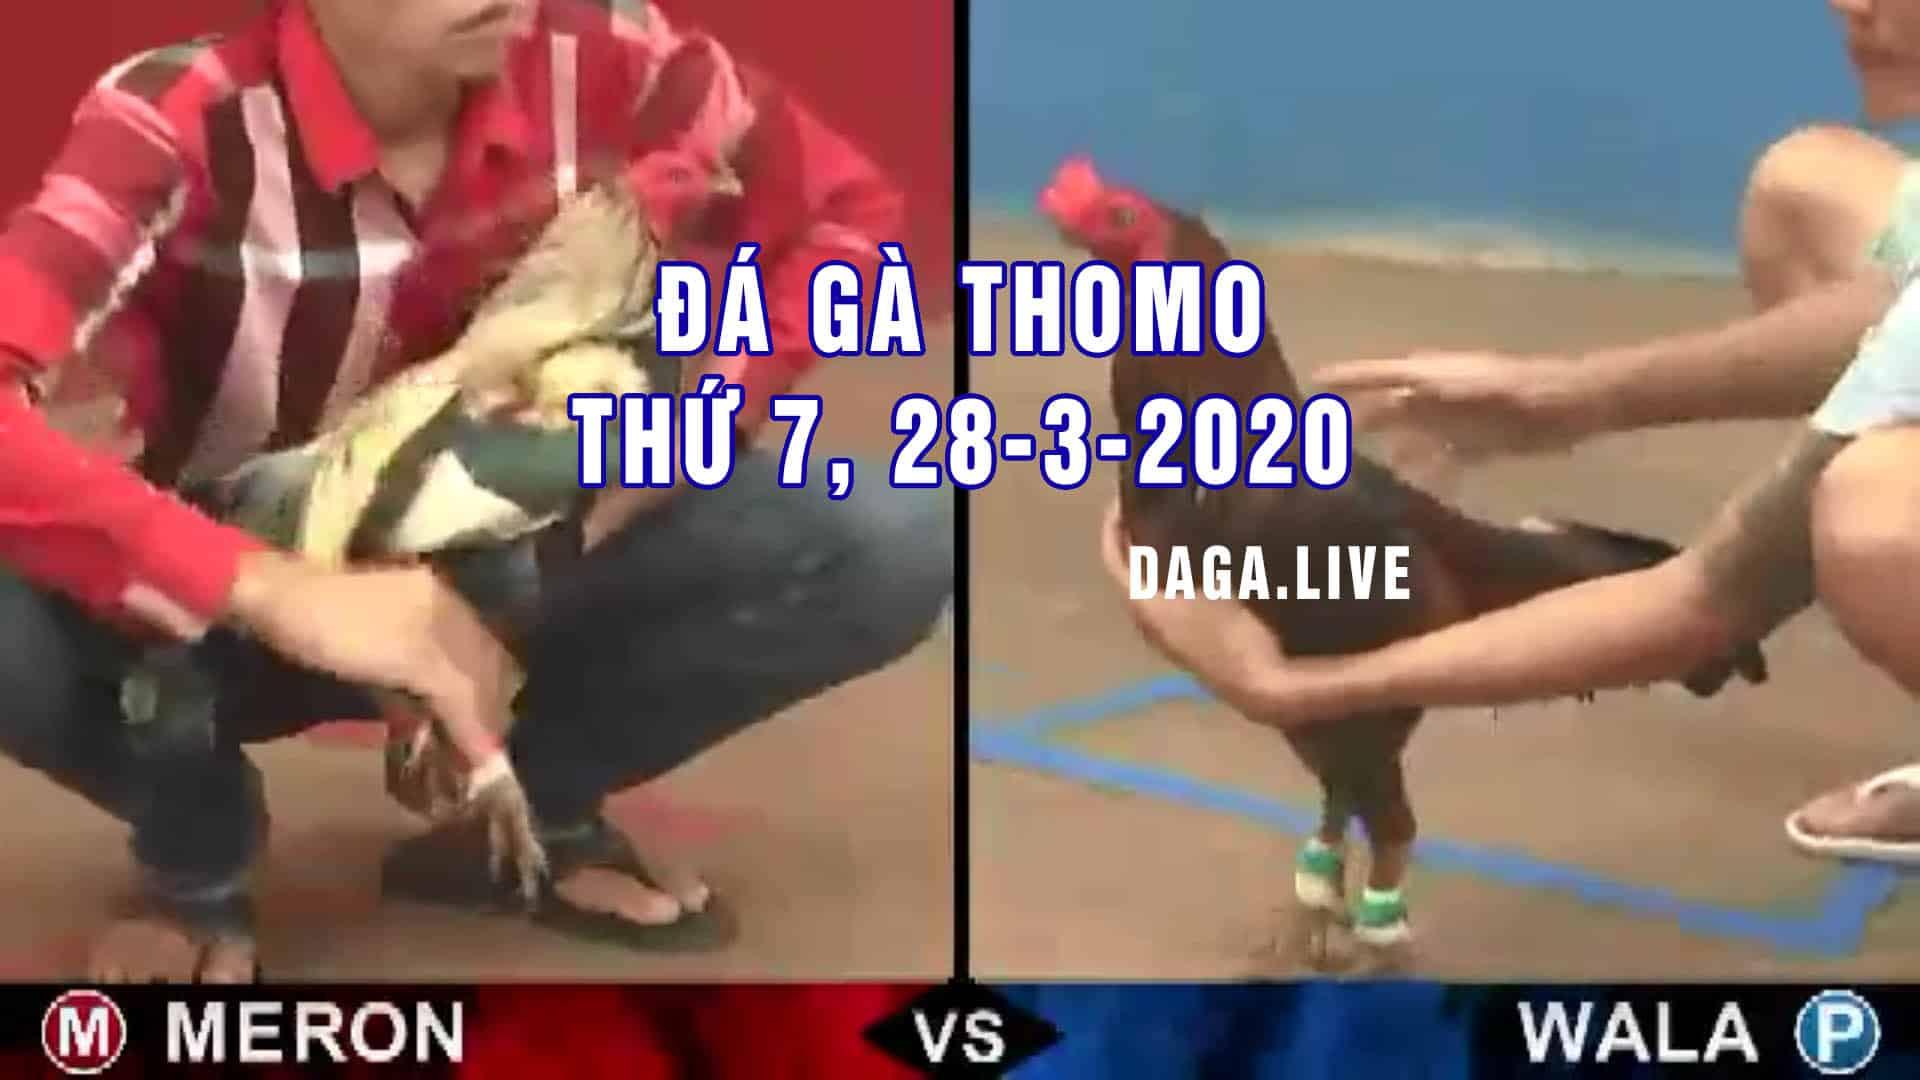 DAGA.LIVE- Đá gà thomo hôm nay, đá gà campuchia, đá gà trực tiếp, đá gà cựa sắt thứ 7 ngày 28-3-2020